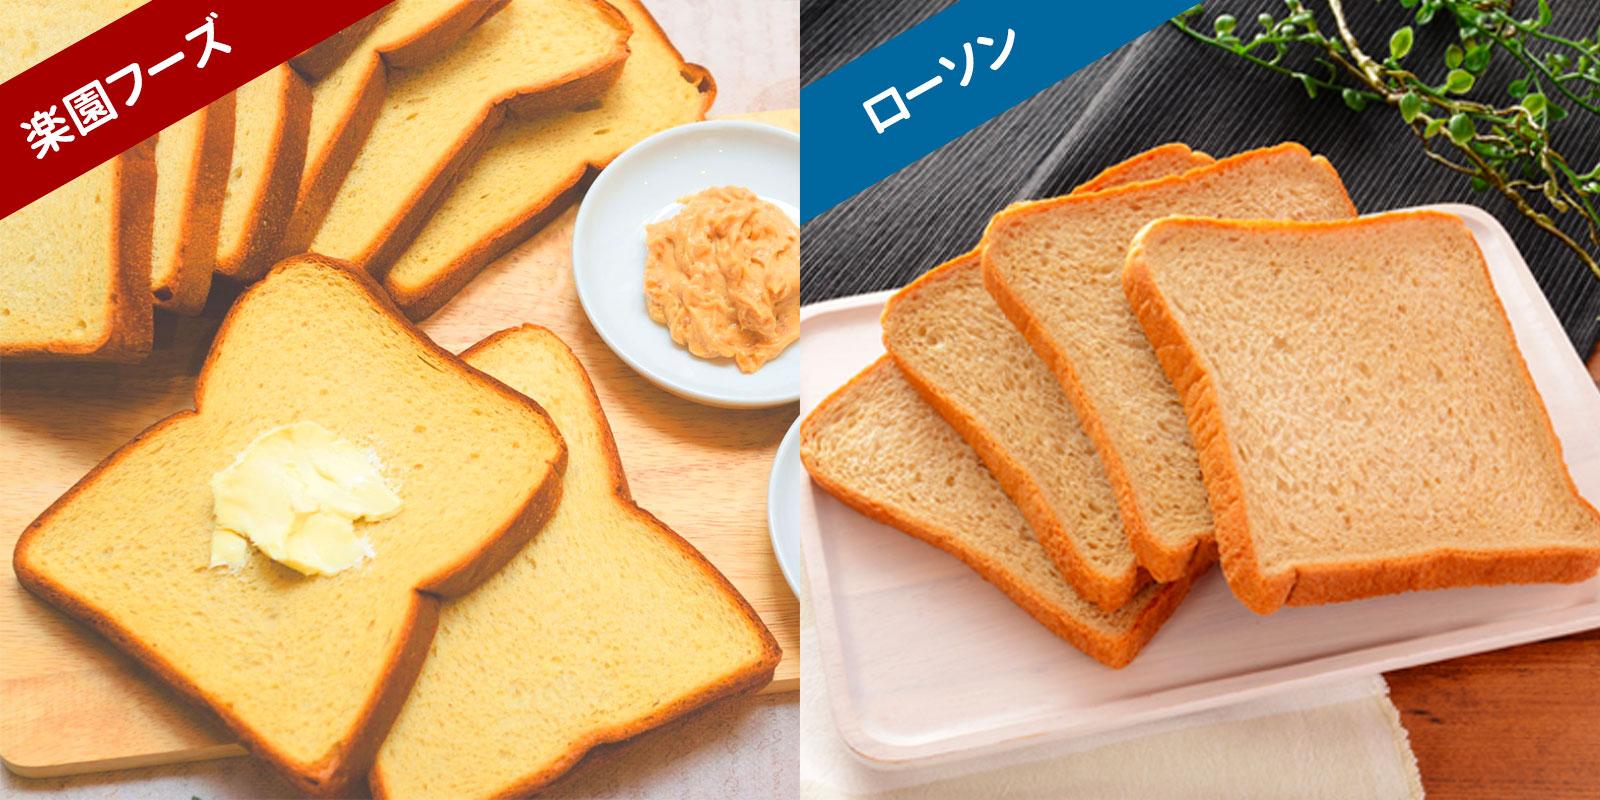 楽園フーズとローソンの低糖質パンを比較